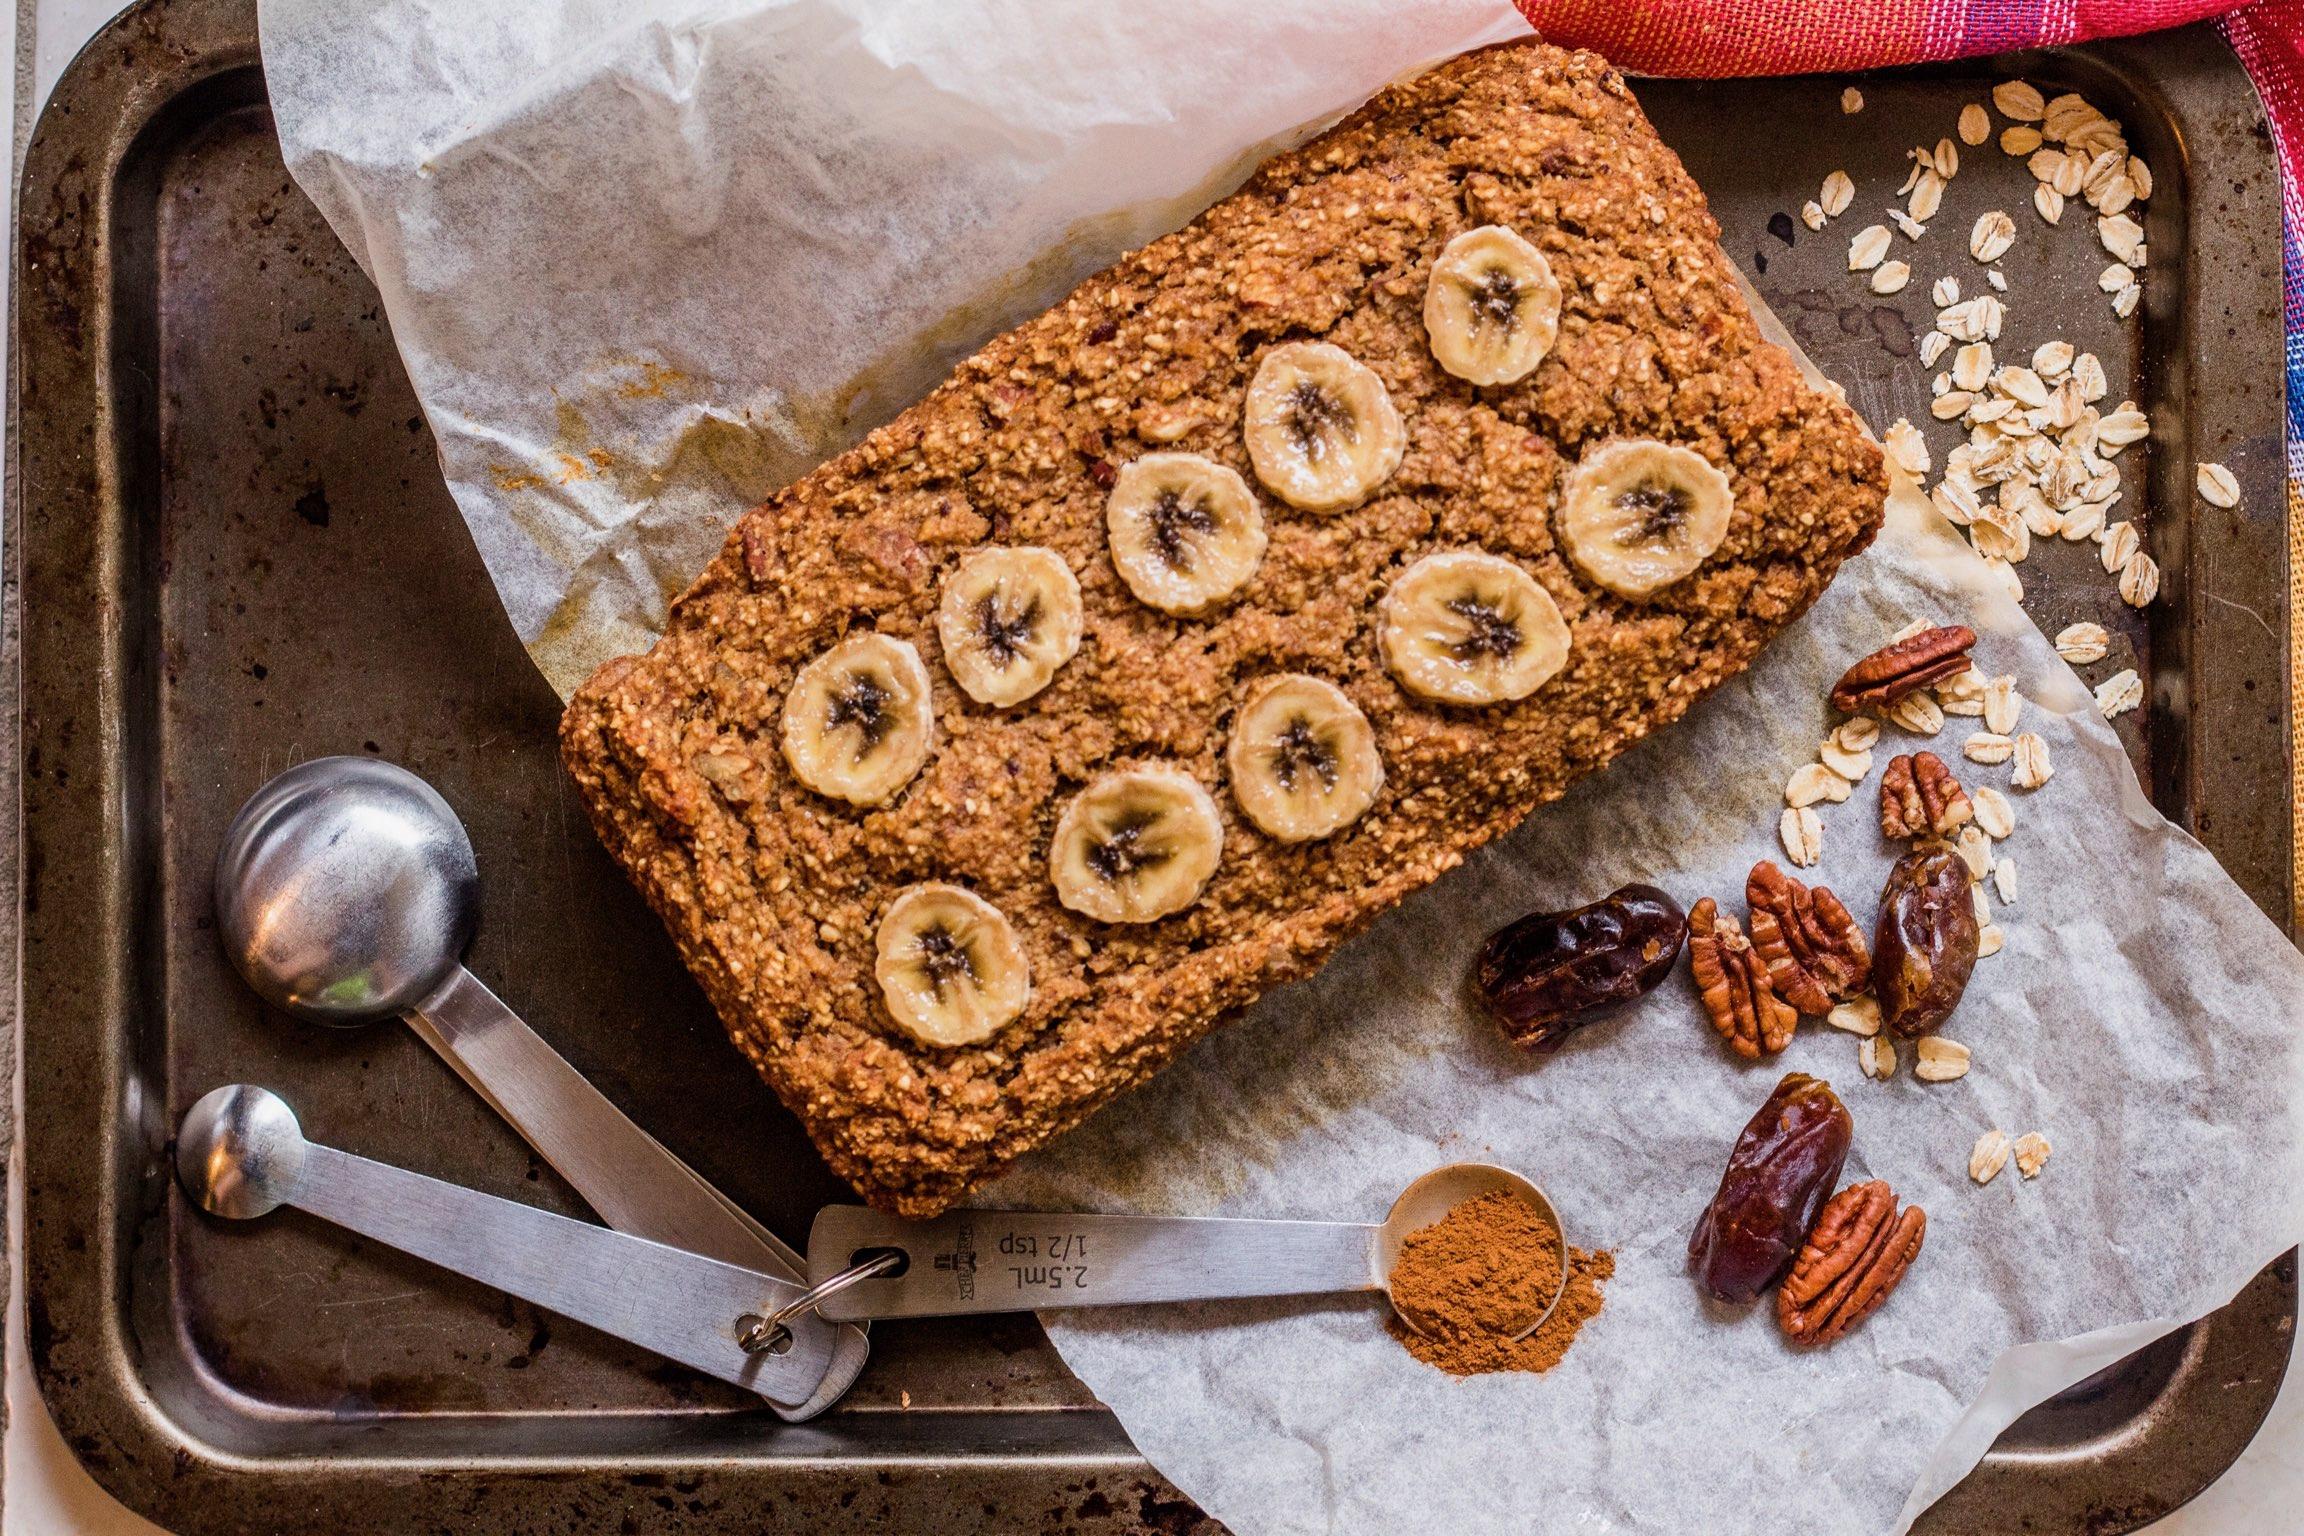 Vegan sugarless oat flour banana bread